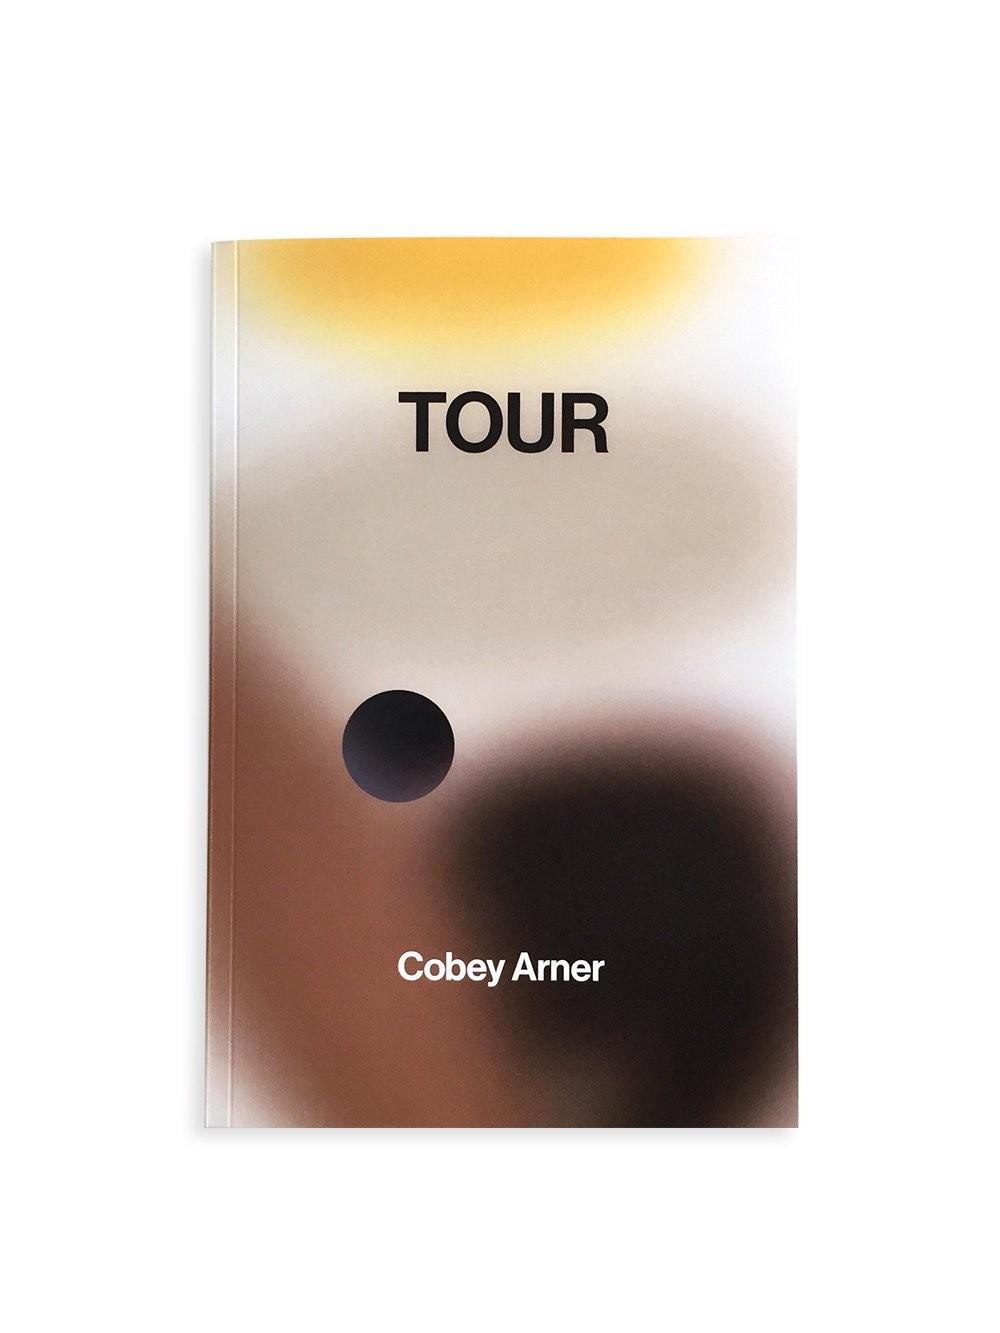 PPW_CobeyArner_Book_Front_1600x.jpg?v=1524978991